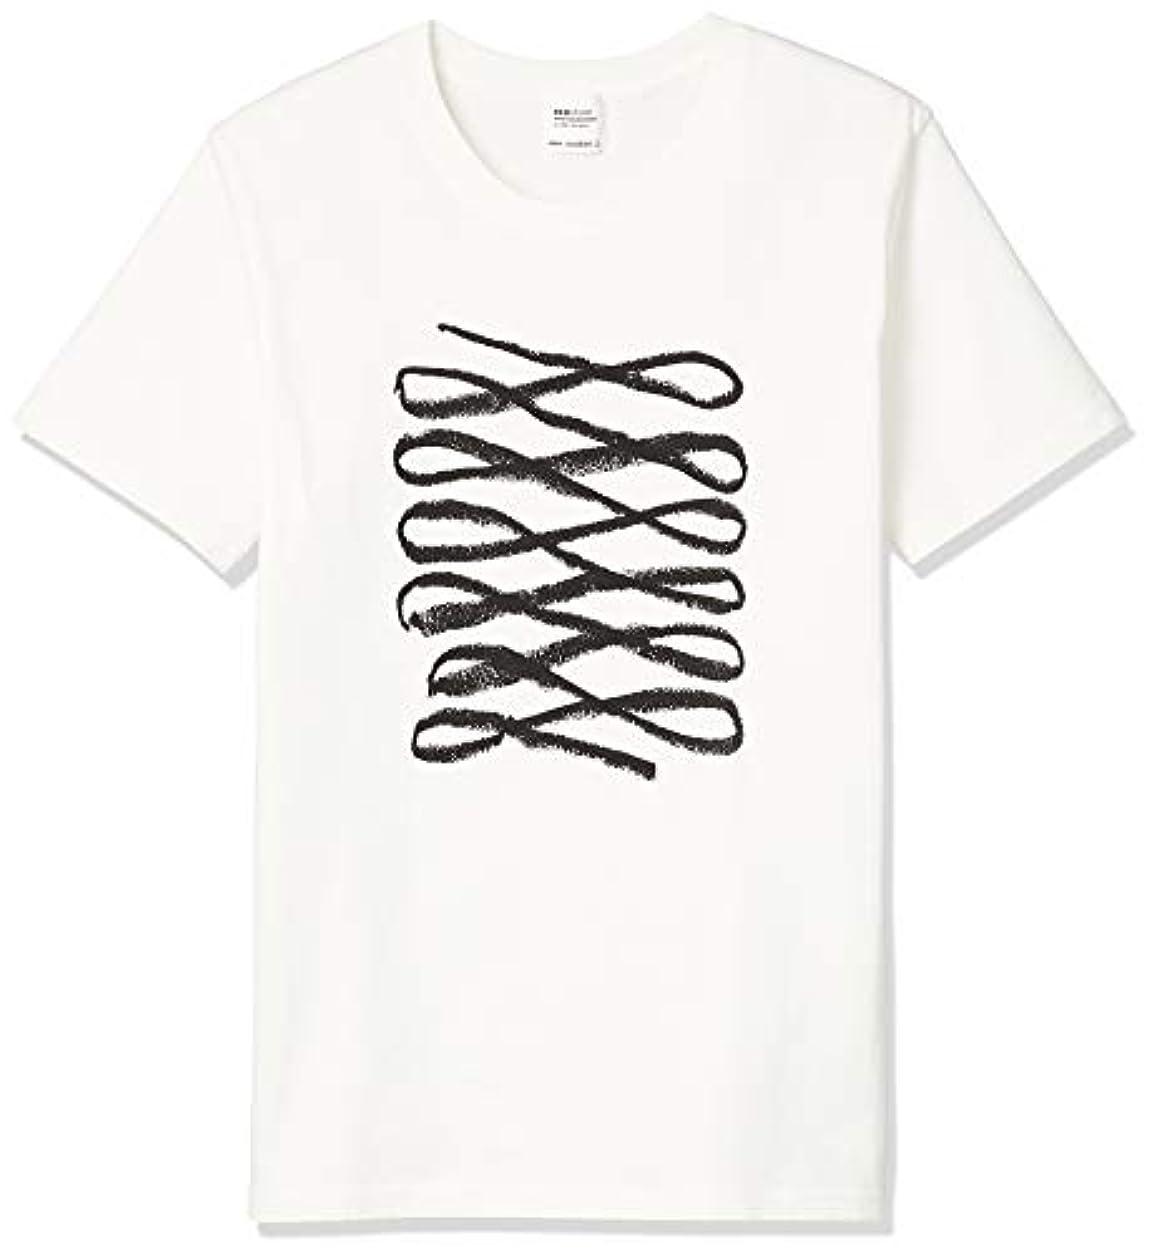 溢れんばかりの医薬古風なecostore(エコストア) オリジナルTシャツ BL Sサイズ 白T